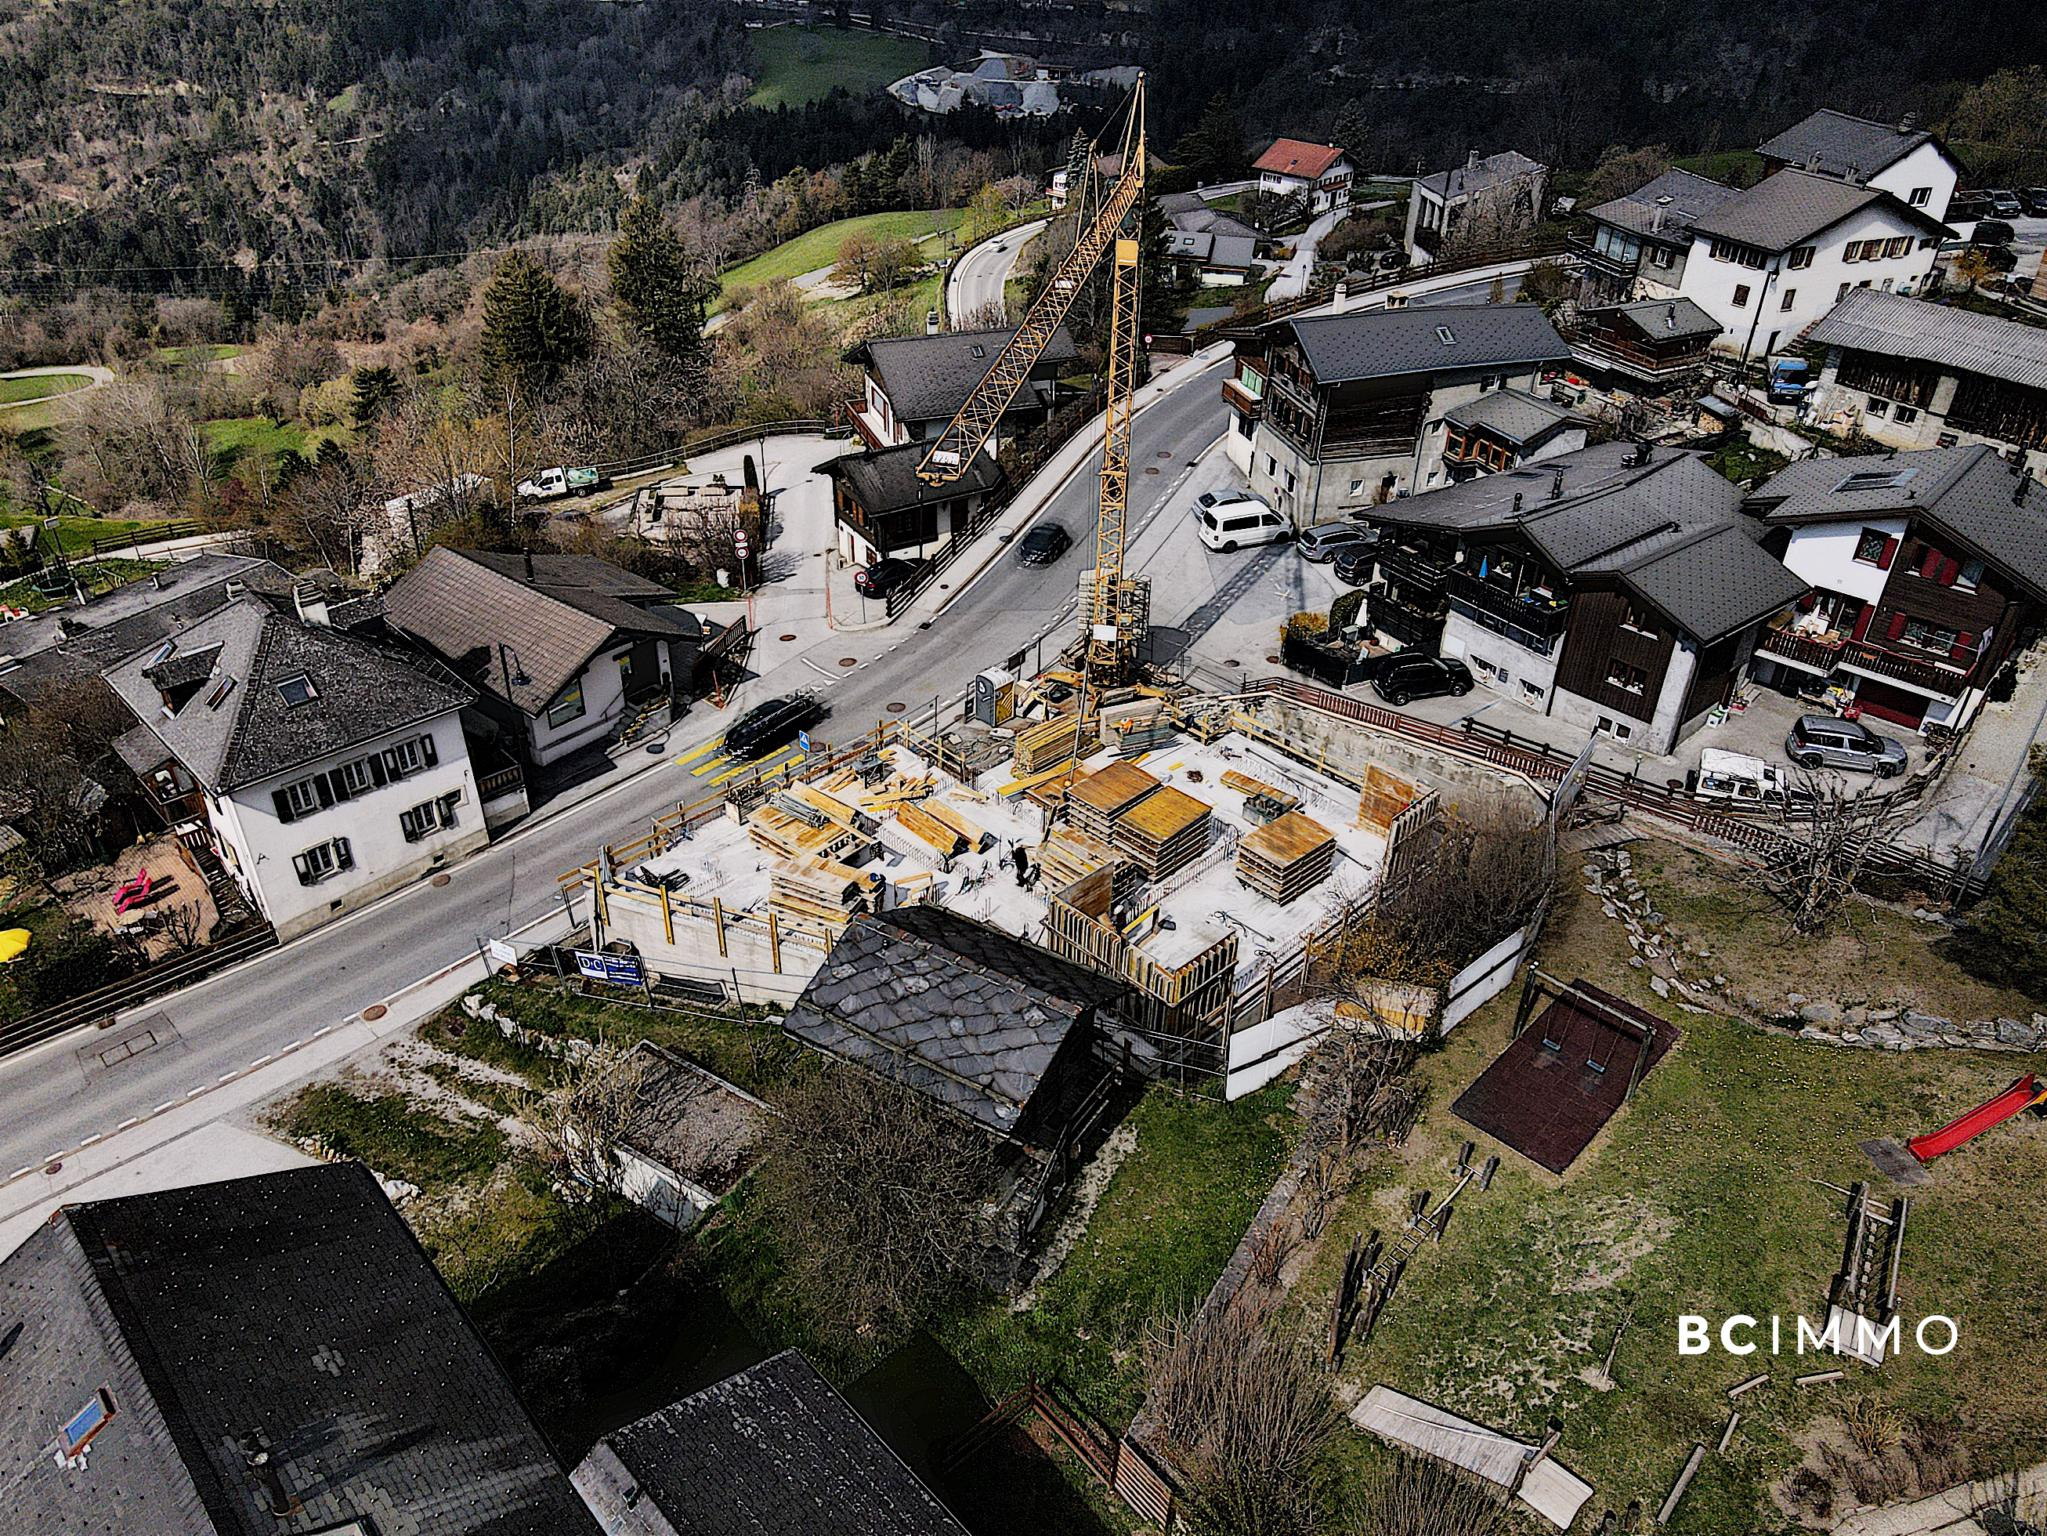 BC Immo - La Maison d'Adrien - Attique duplex 4.5 - DC6AICO77